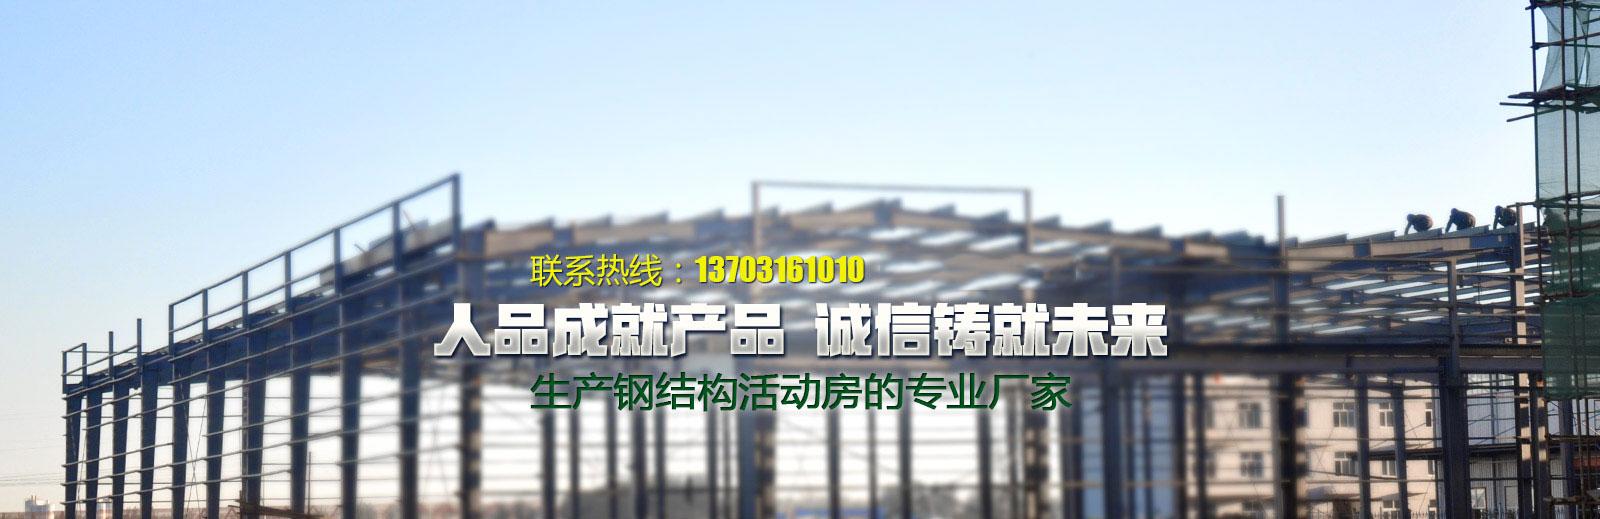 三河市燕石金属制品有限公司